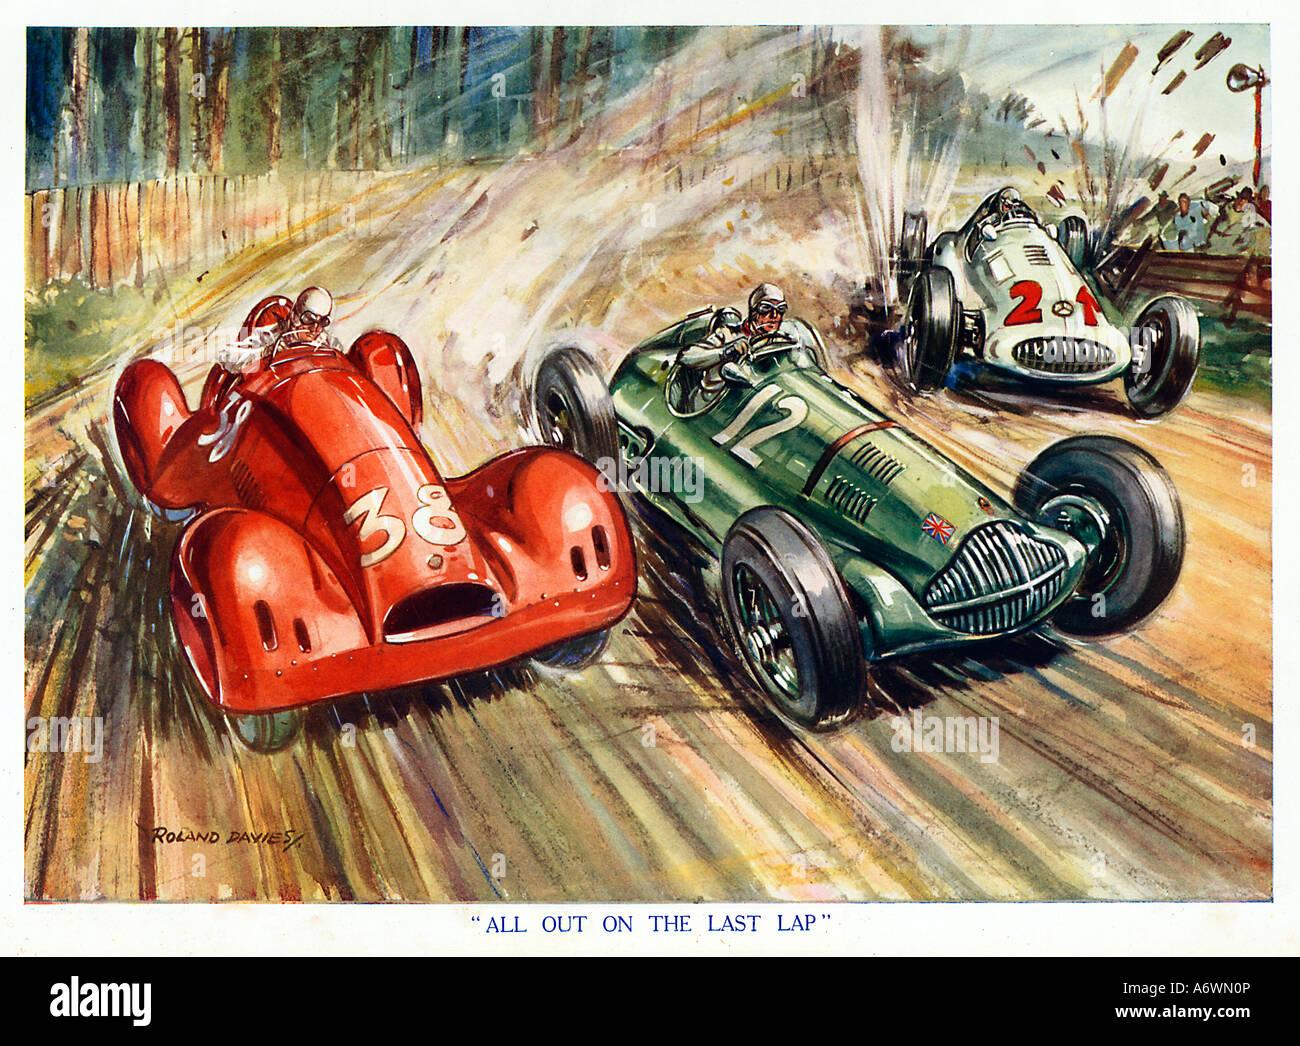 Tutti fuori all'ultimo giro 1930 s boys magazine illustrazione del culmine di una gara automobilistica Immagini Stock